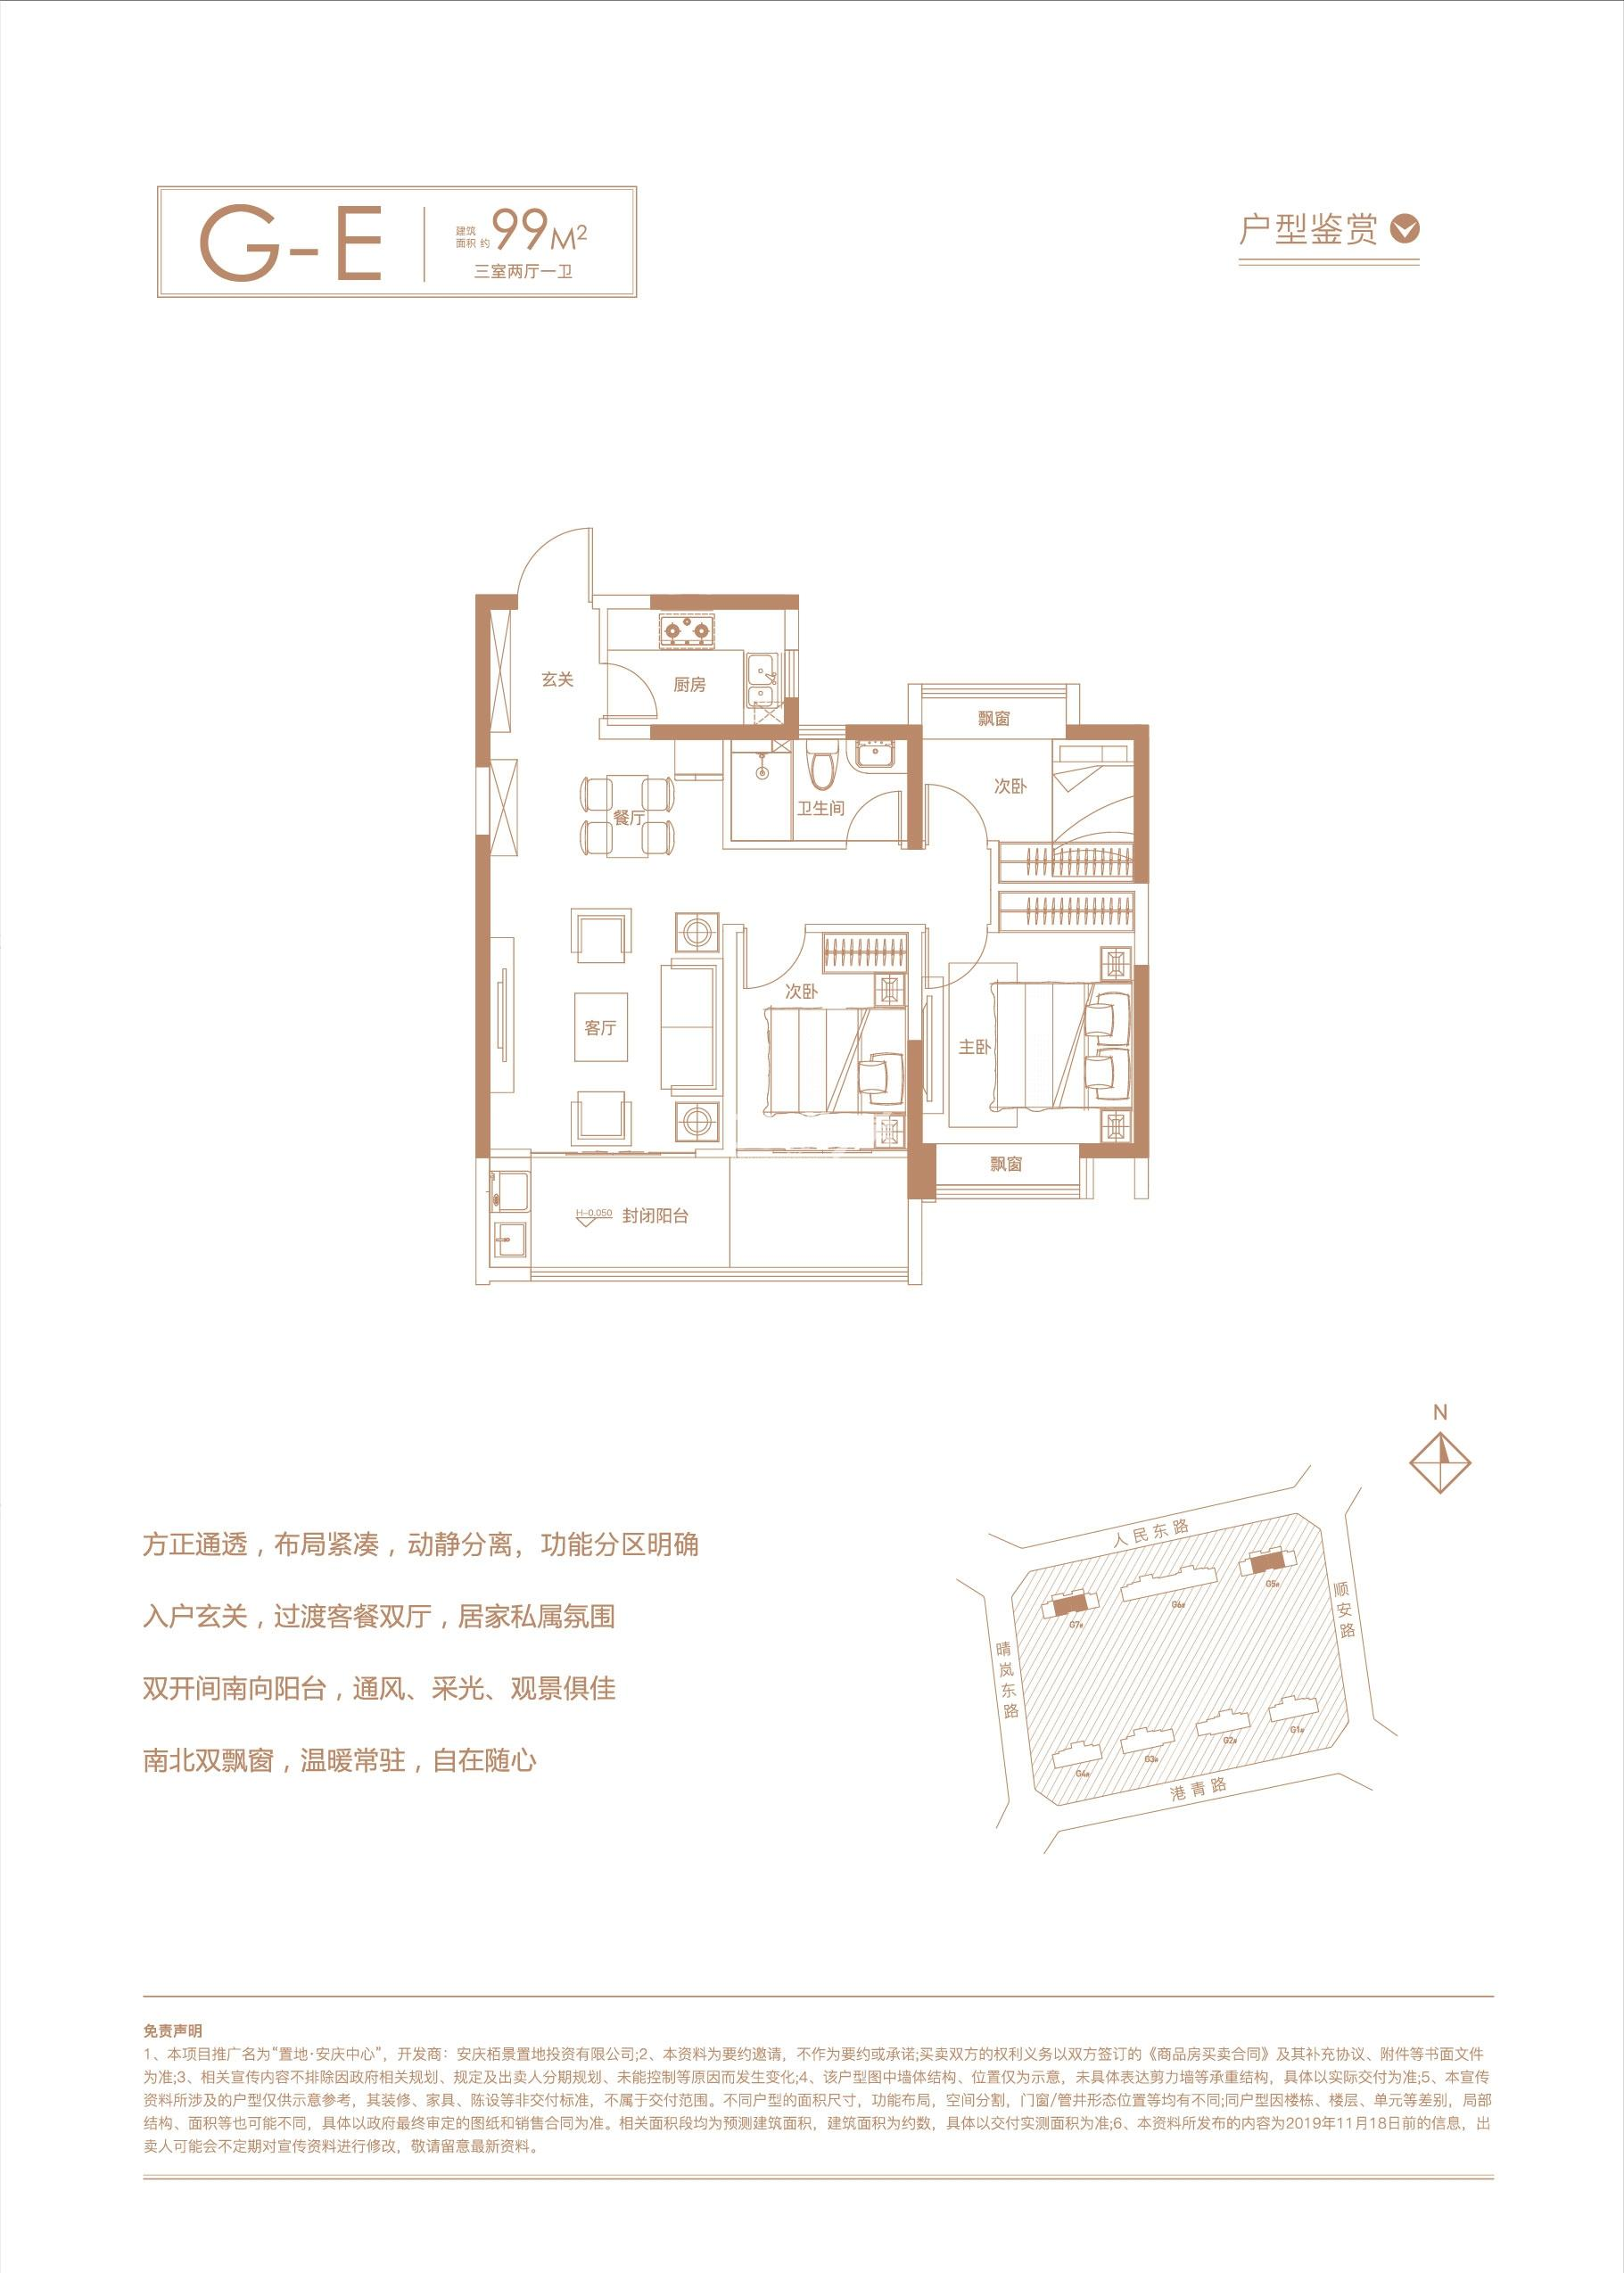 安庆置地安庆中心99㎡三室两厅一卫G-E户型